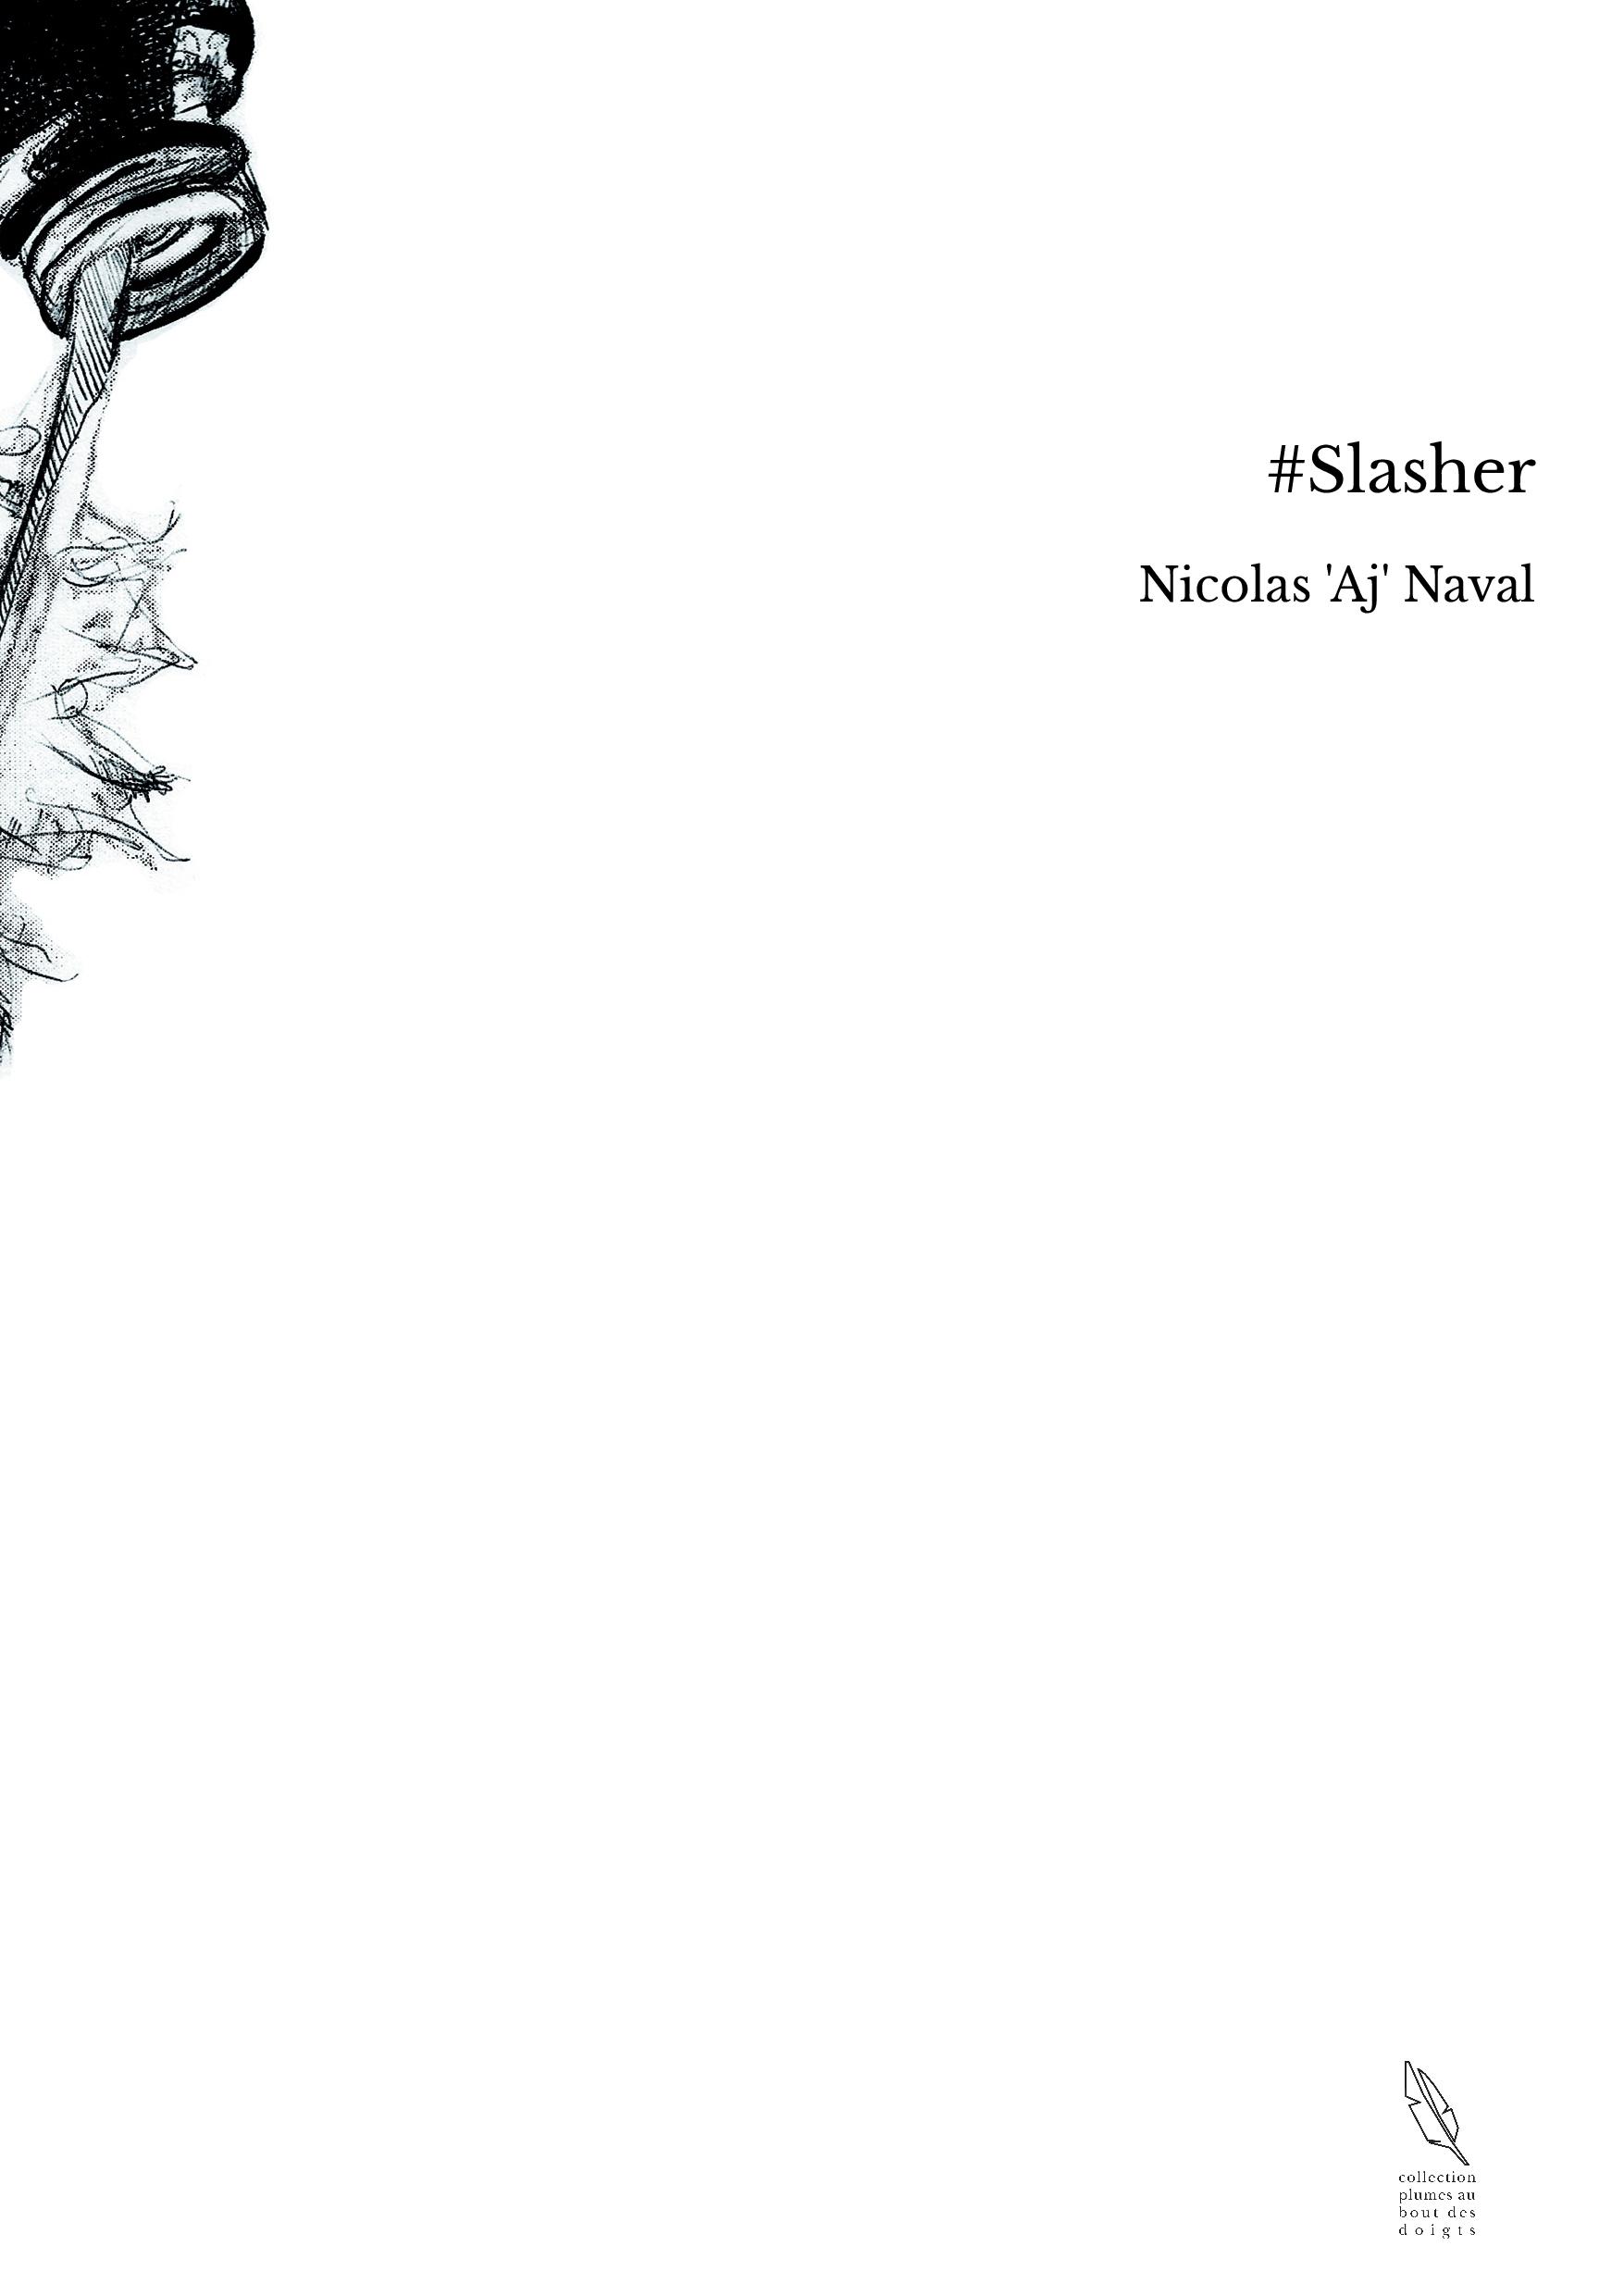 #Slasher